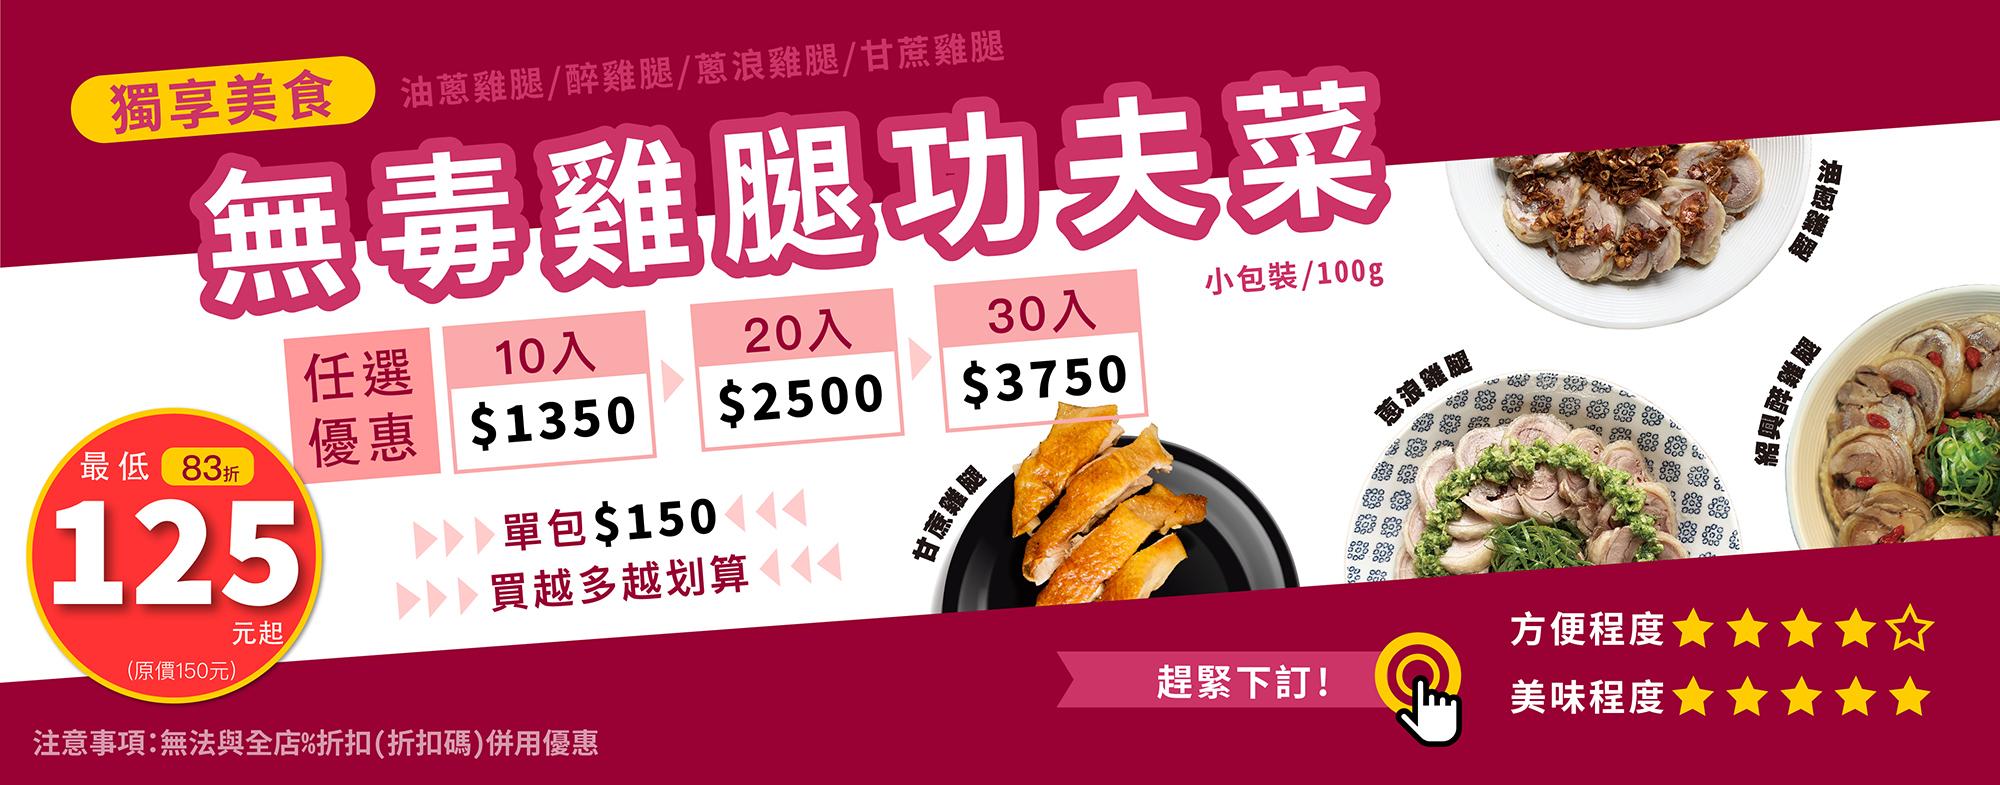 熟食雞腿小包裝,可以獨享也能眾樂樂!任選優惠10入1350,最低單包125元起。